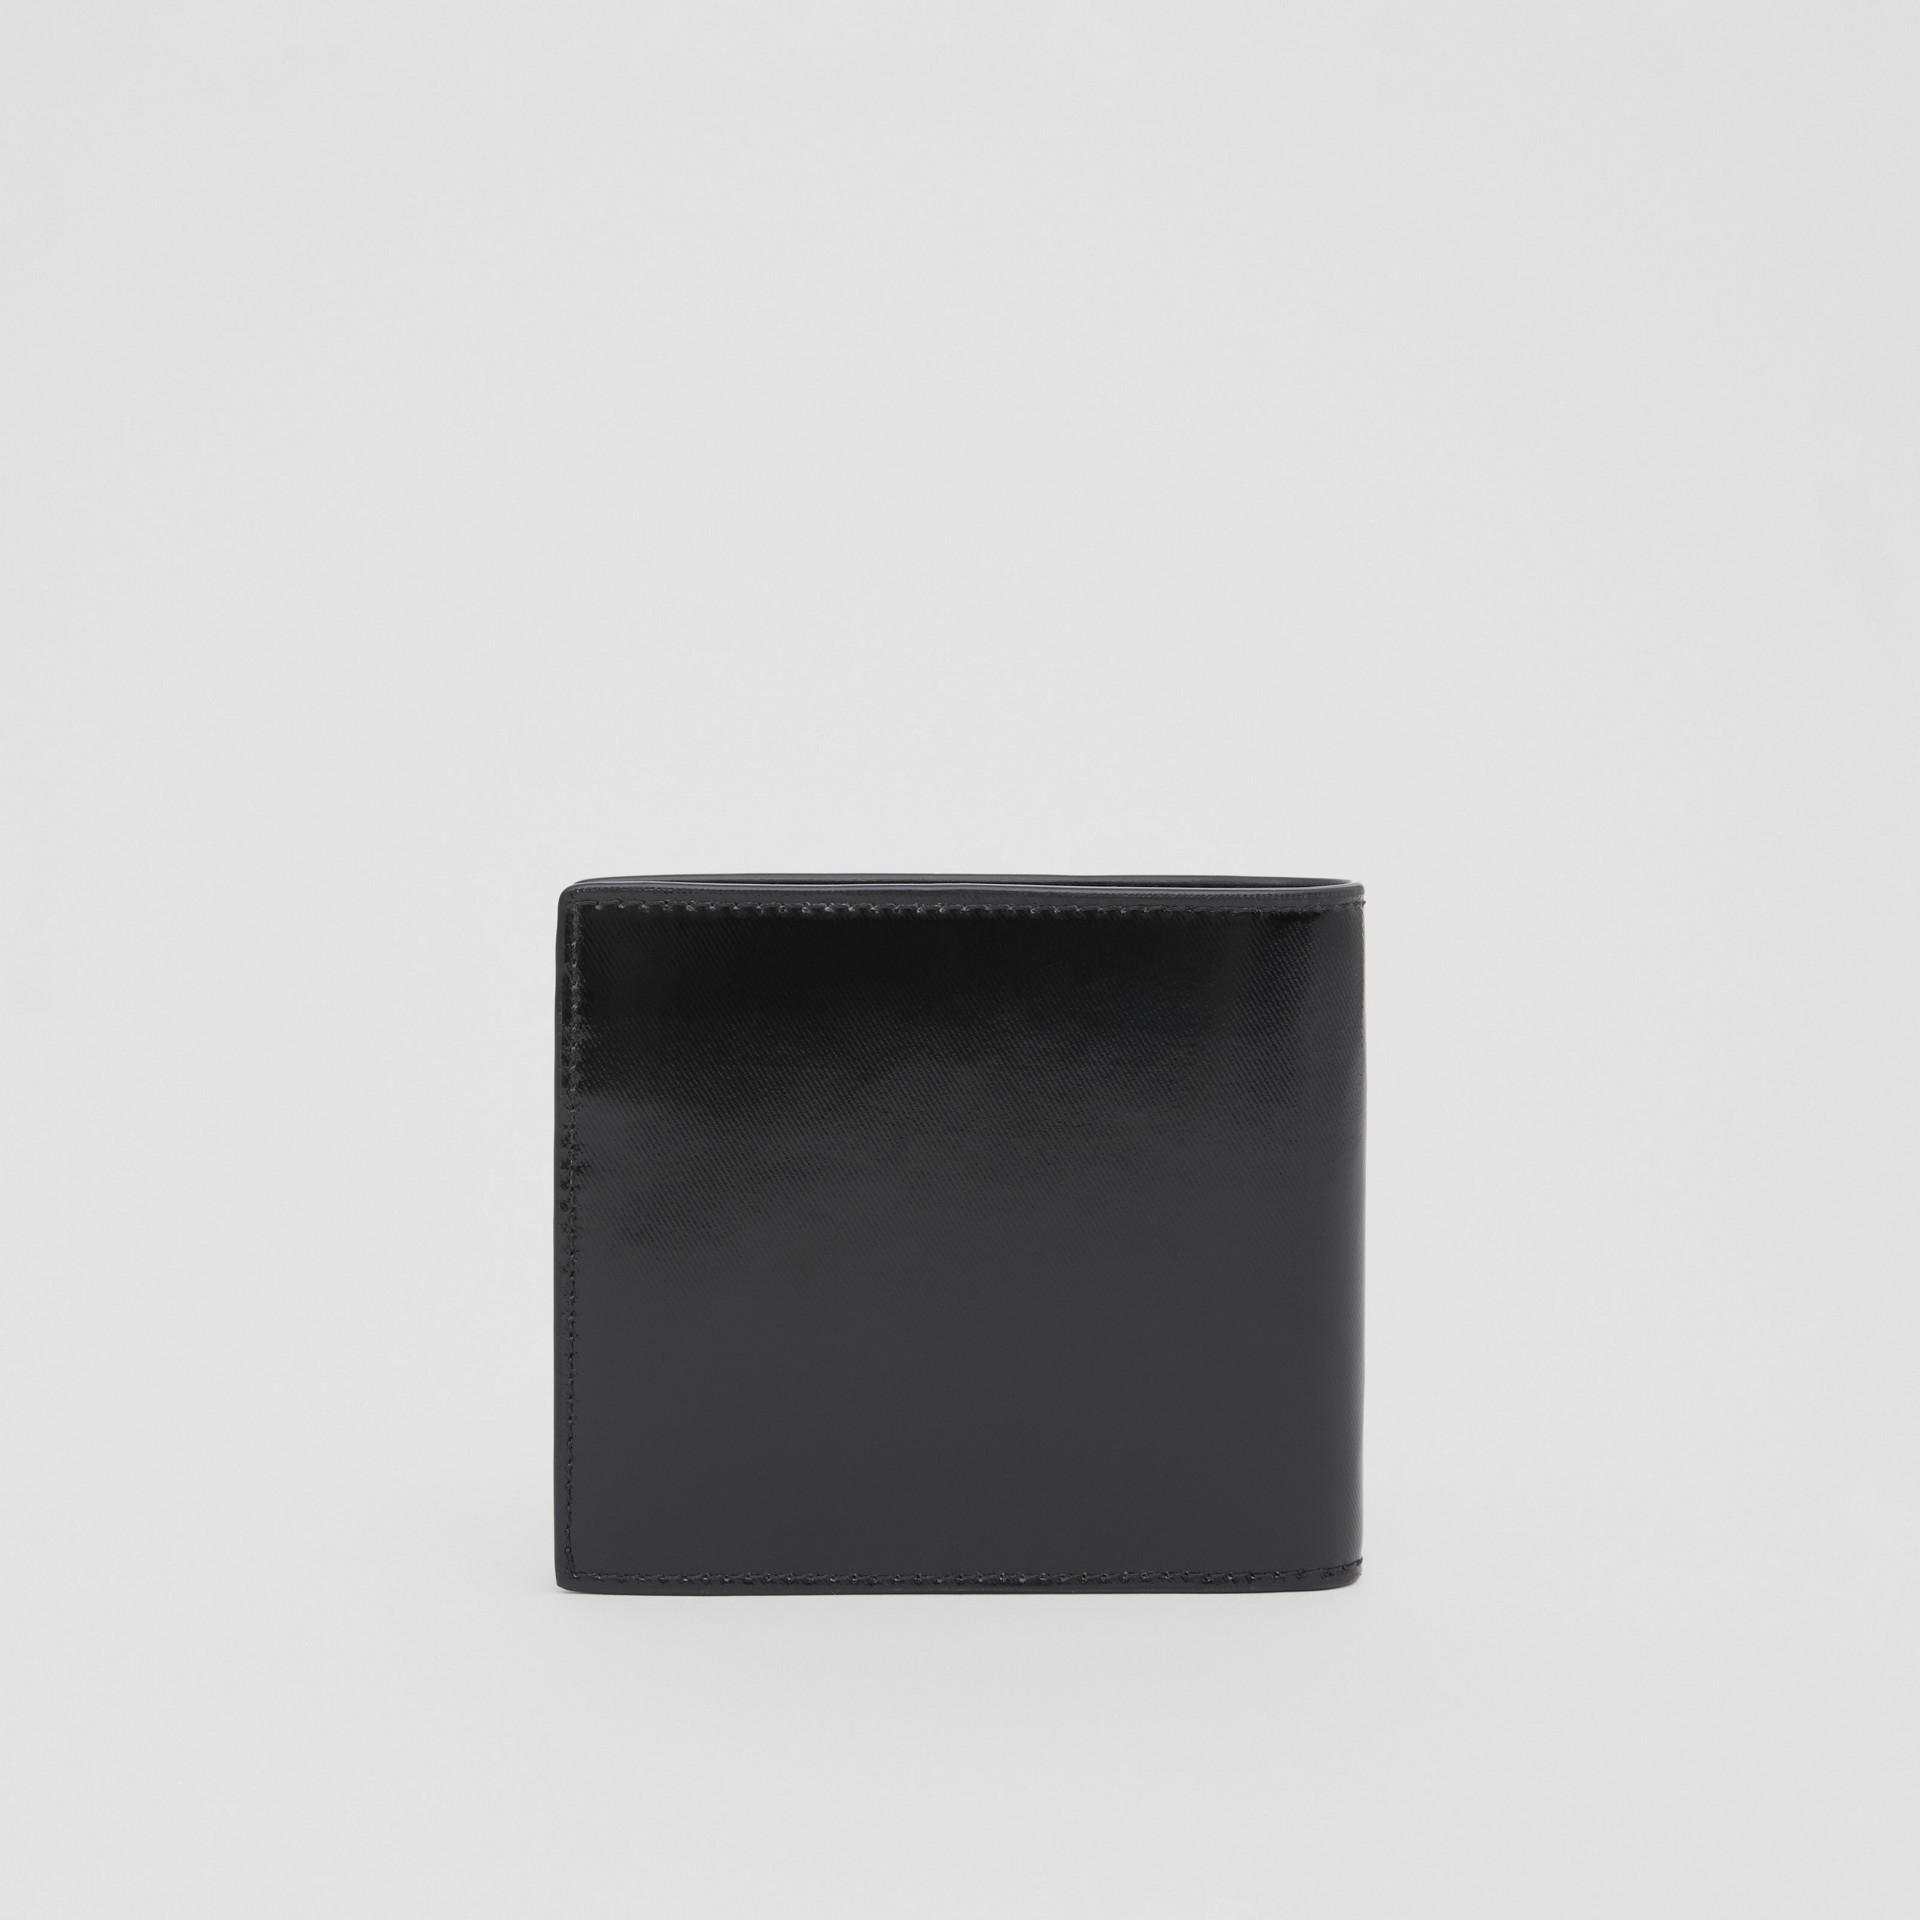 ロゴ&アイコンストライププリント インターナショナル バイフォールドウォレット (ブラック) | バーバリー - ギャラリーイメージ 4